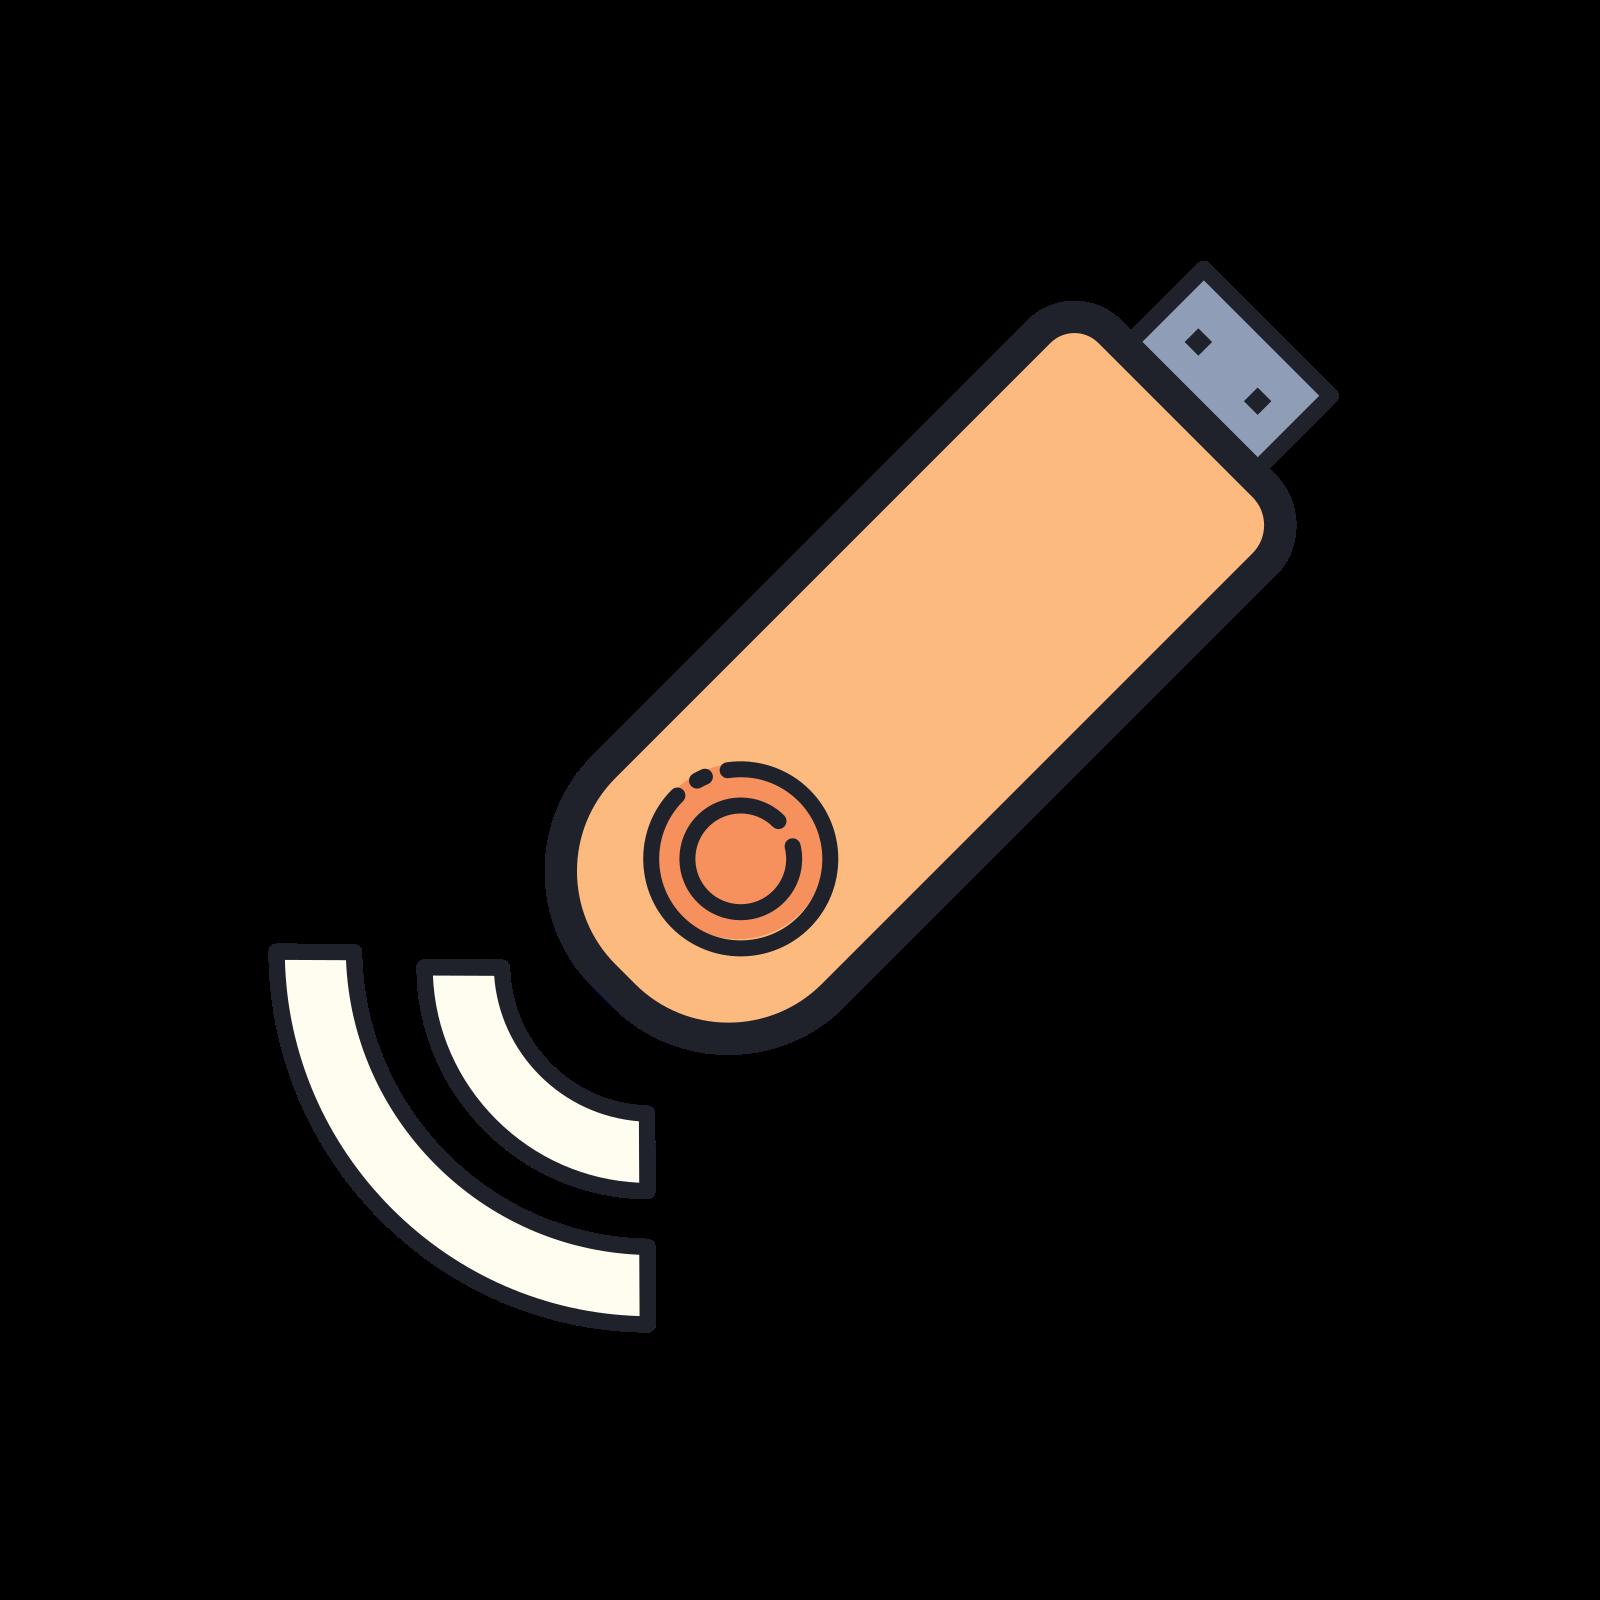 Wi-Fi Modem icon